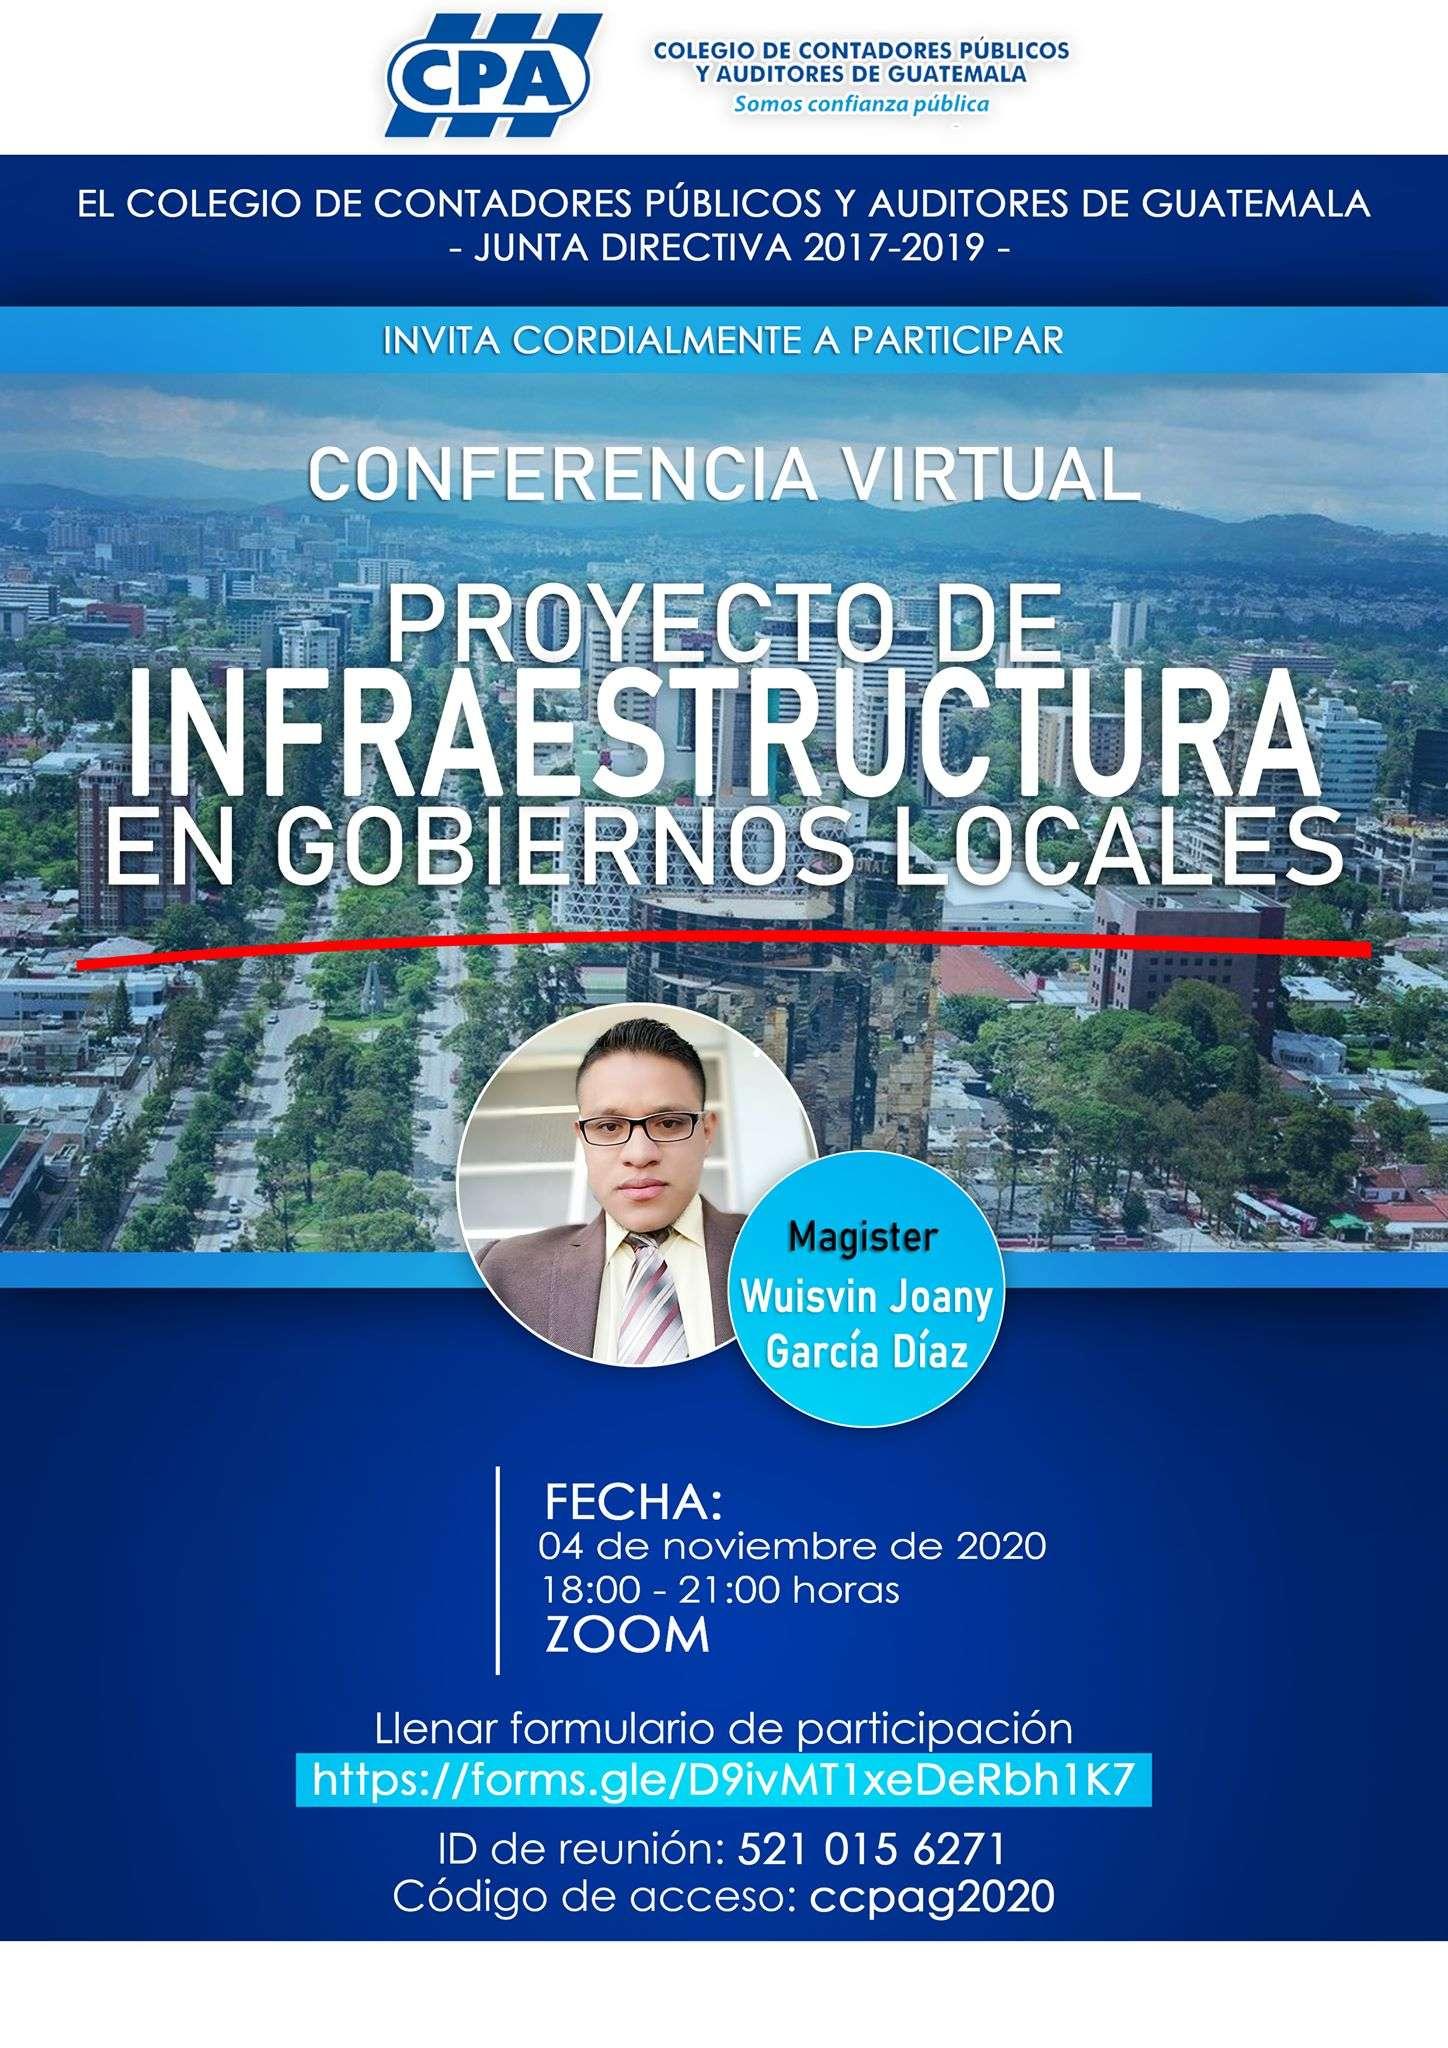 PROYECTO DE INFRAESTRUCTURA EN GOBIERNOS LOCALES 04112020